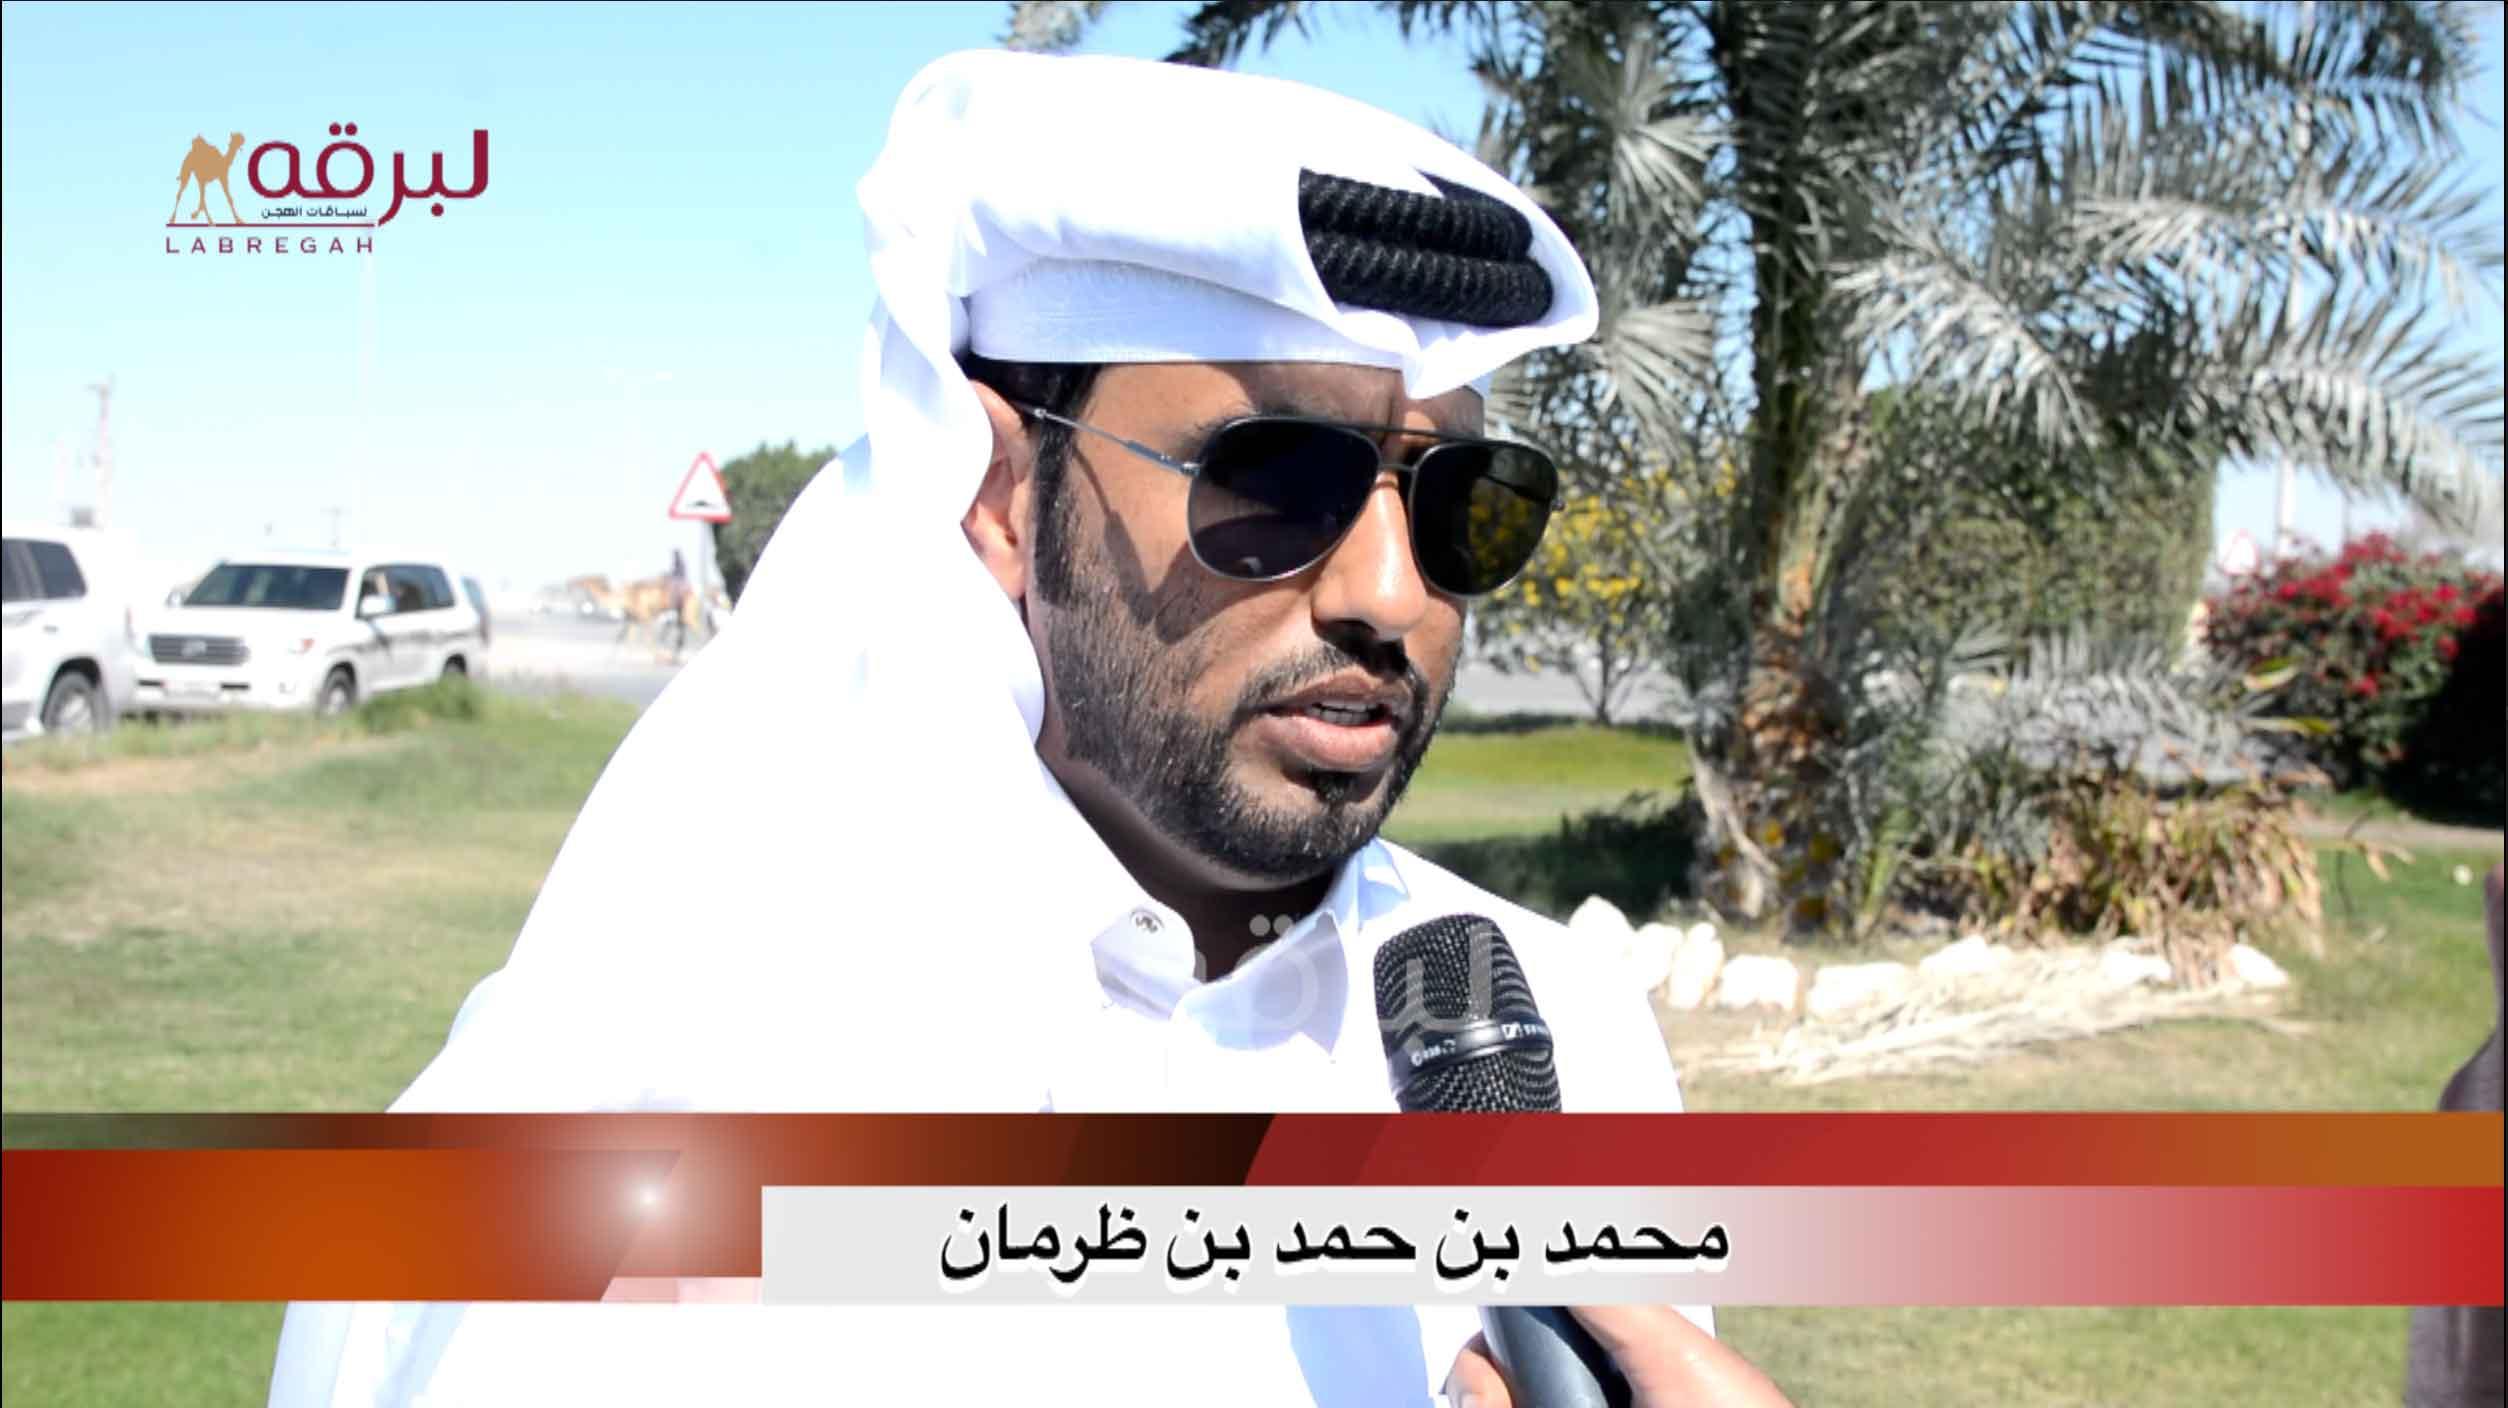 لقاء مع محمد بن حمد بن ظرمان.. الشوط الرئيسي لقايا بكار « إنتاج » الأشواط العامة  ٢٦-٢-٢٠٢١